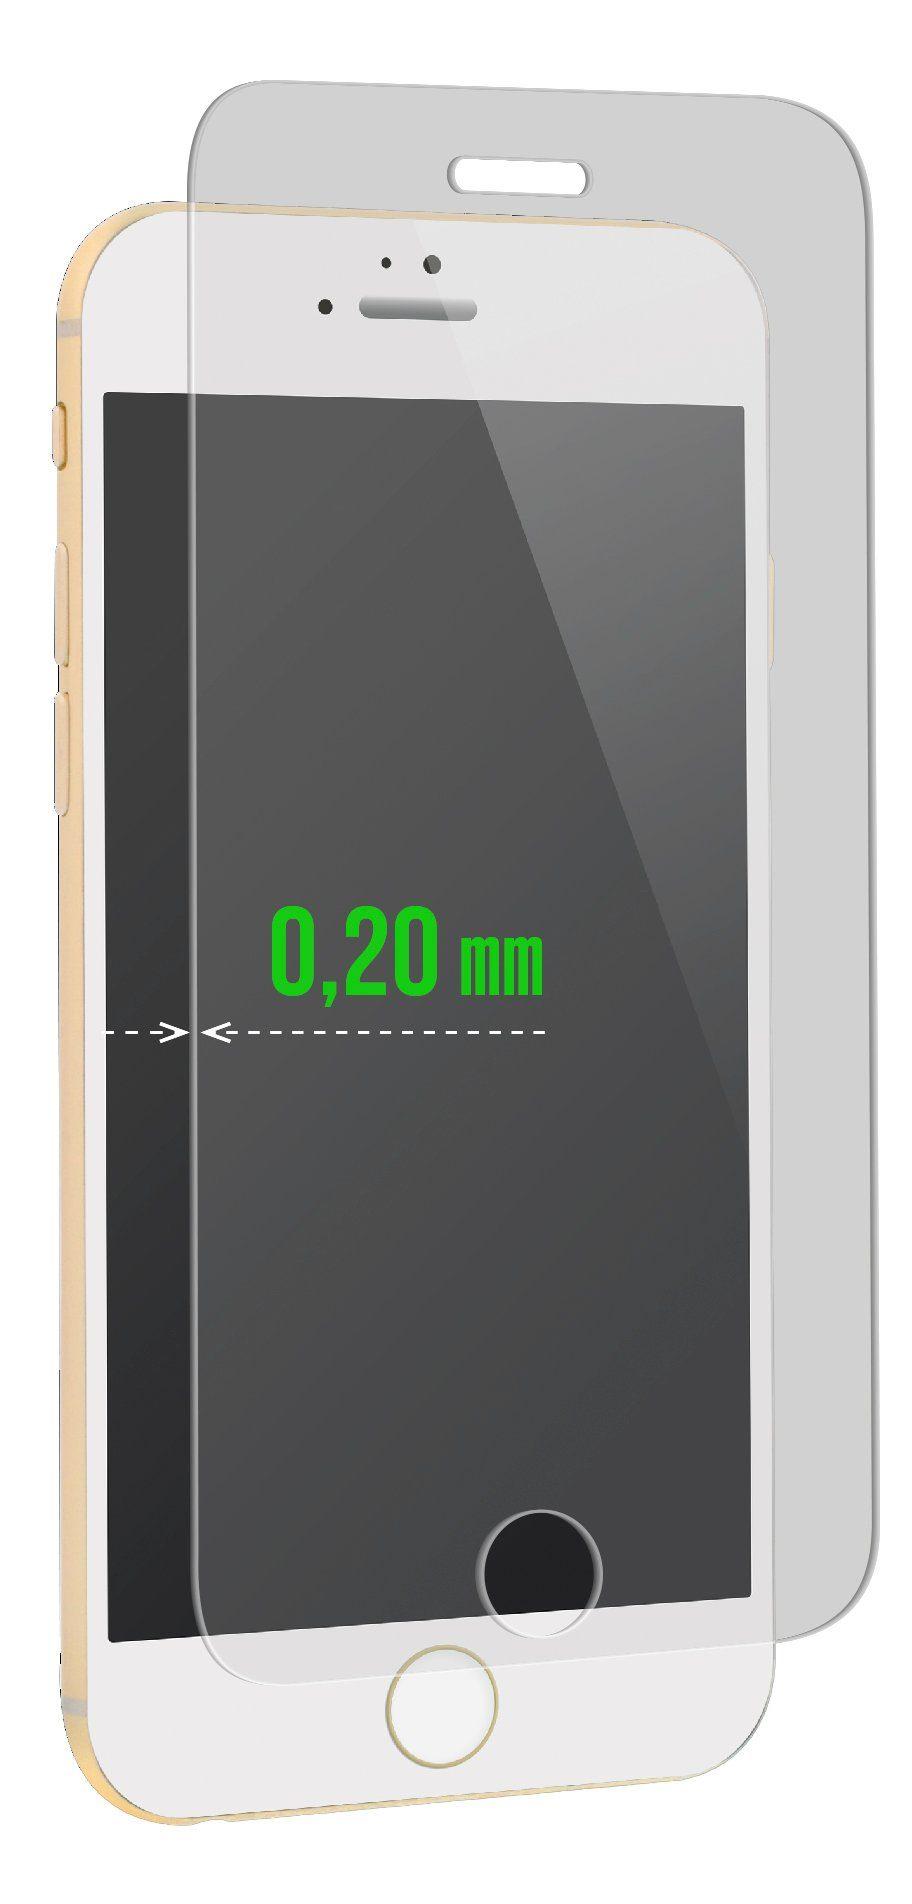 Scutes Deluxe GSM - Zubehör »Schutzglas - iPhone 6/S«